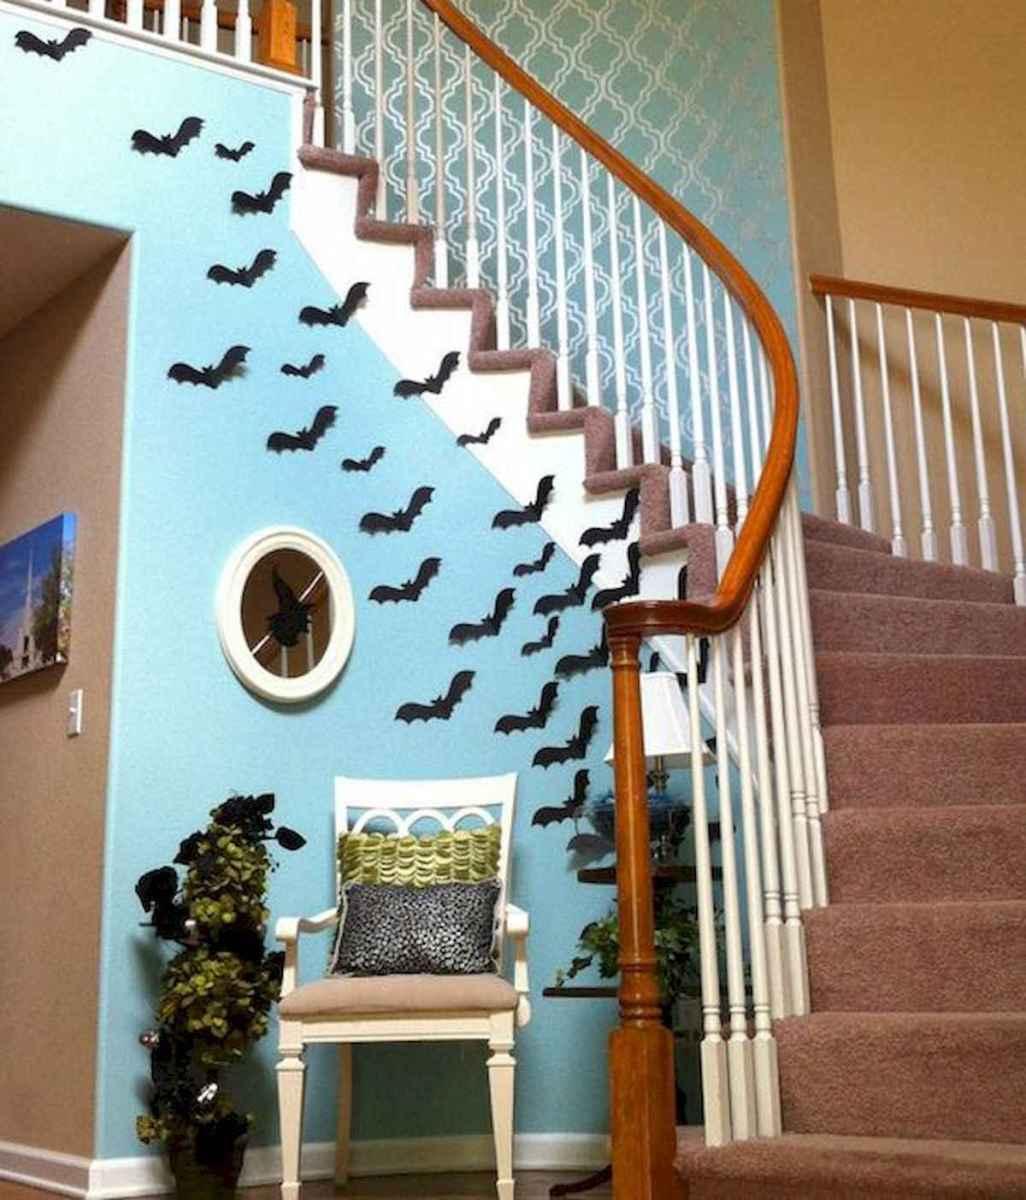 25 Creative Indoor Halloween Decorations Ideas (15)